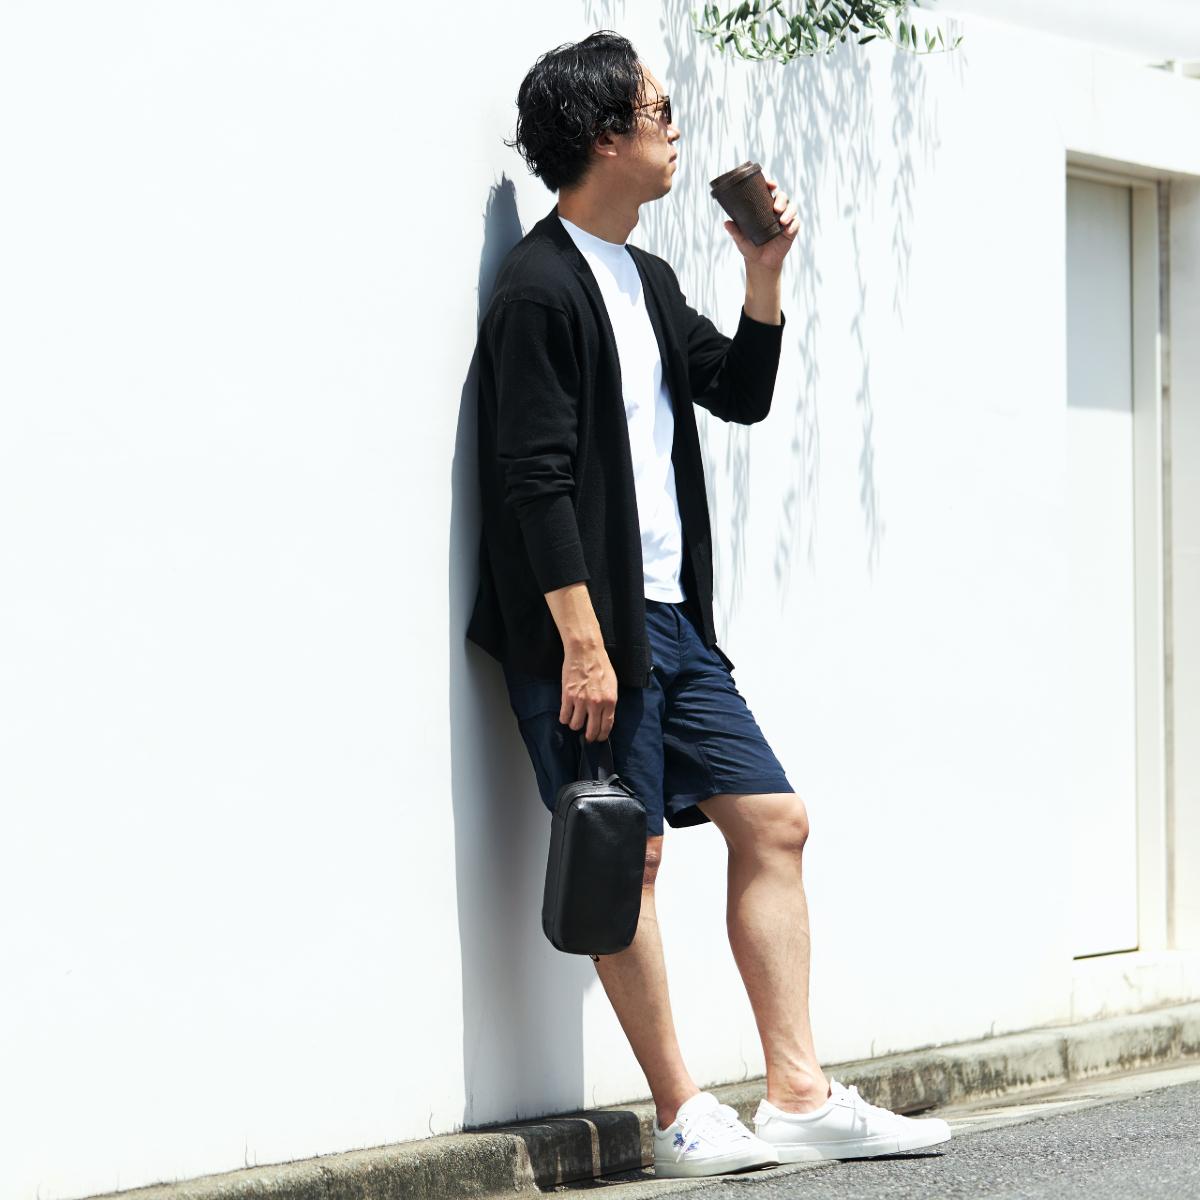 仕事にも遊びにもオンオフ使える 防水レザー、超軽量、直感ポケット付きの日本製レザーバッグ PCバッグ・トートバッグ・リュック・バックパック FARO(ファーロ)